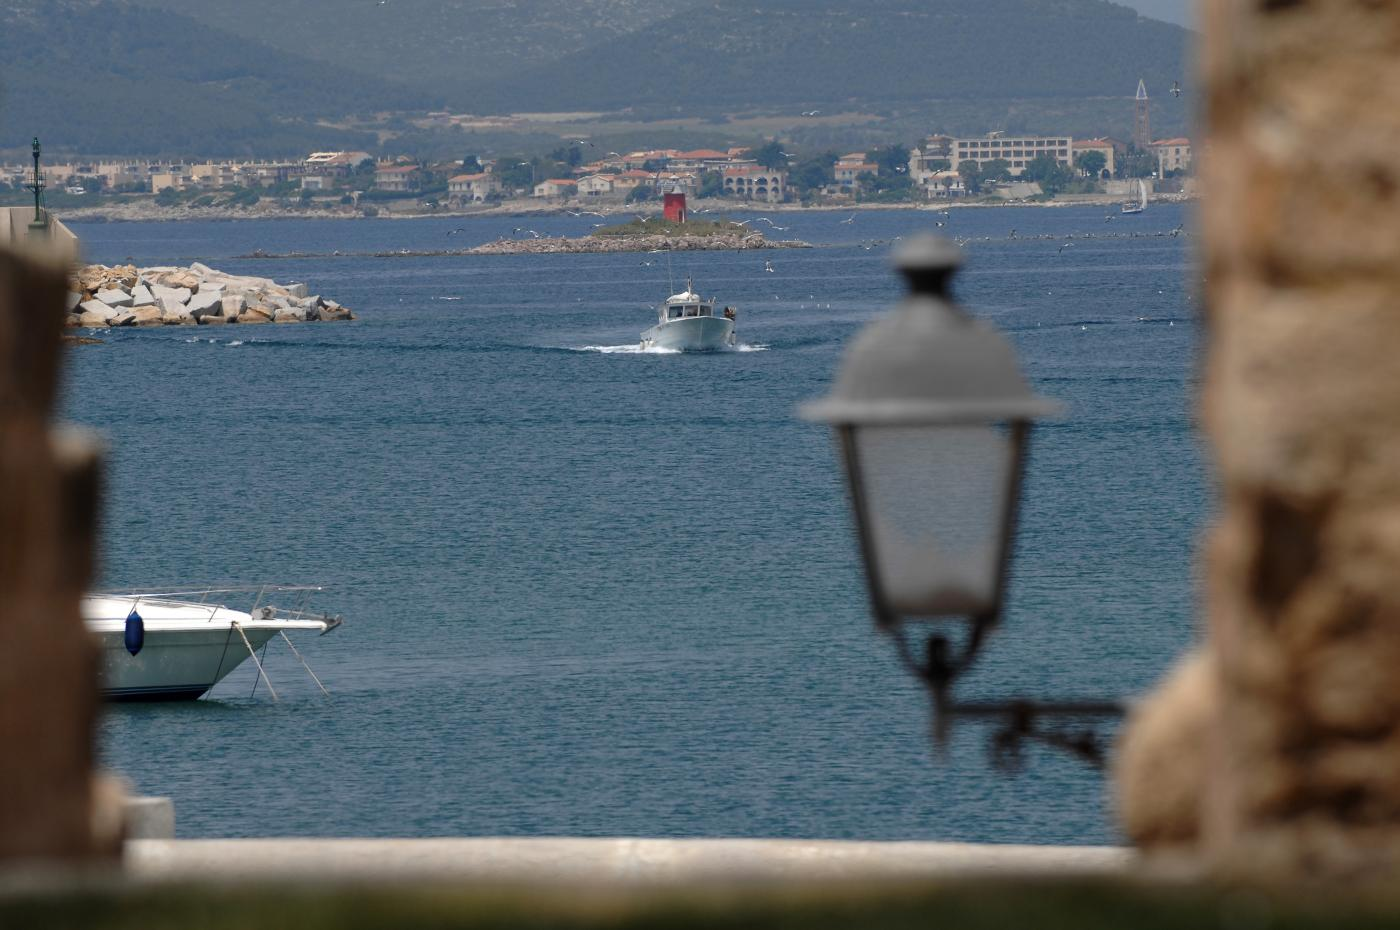 Turista spagnolo scompare ad Alghero